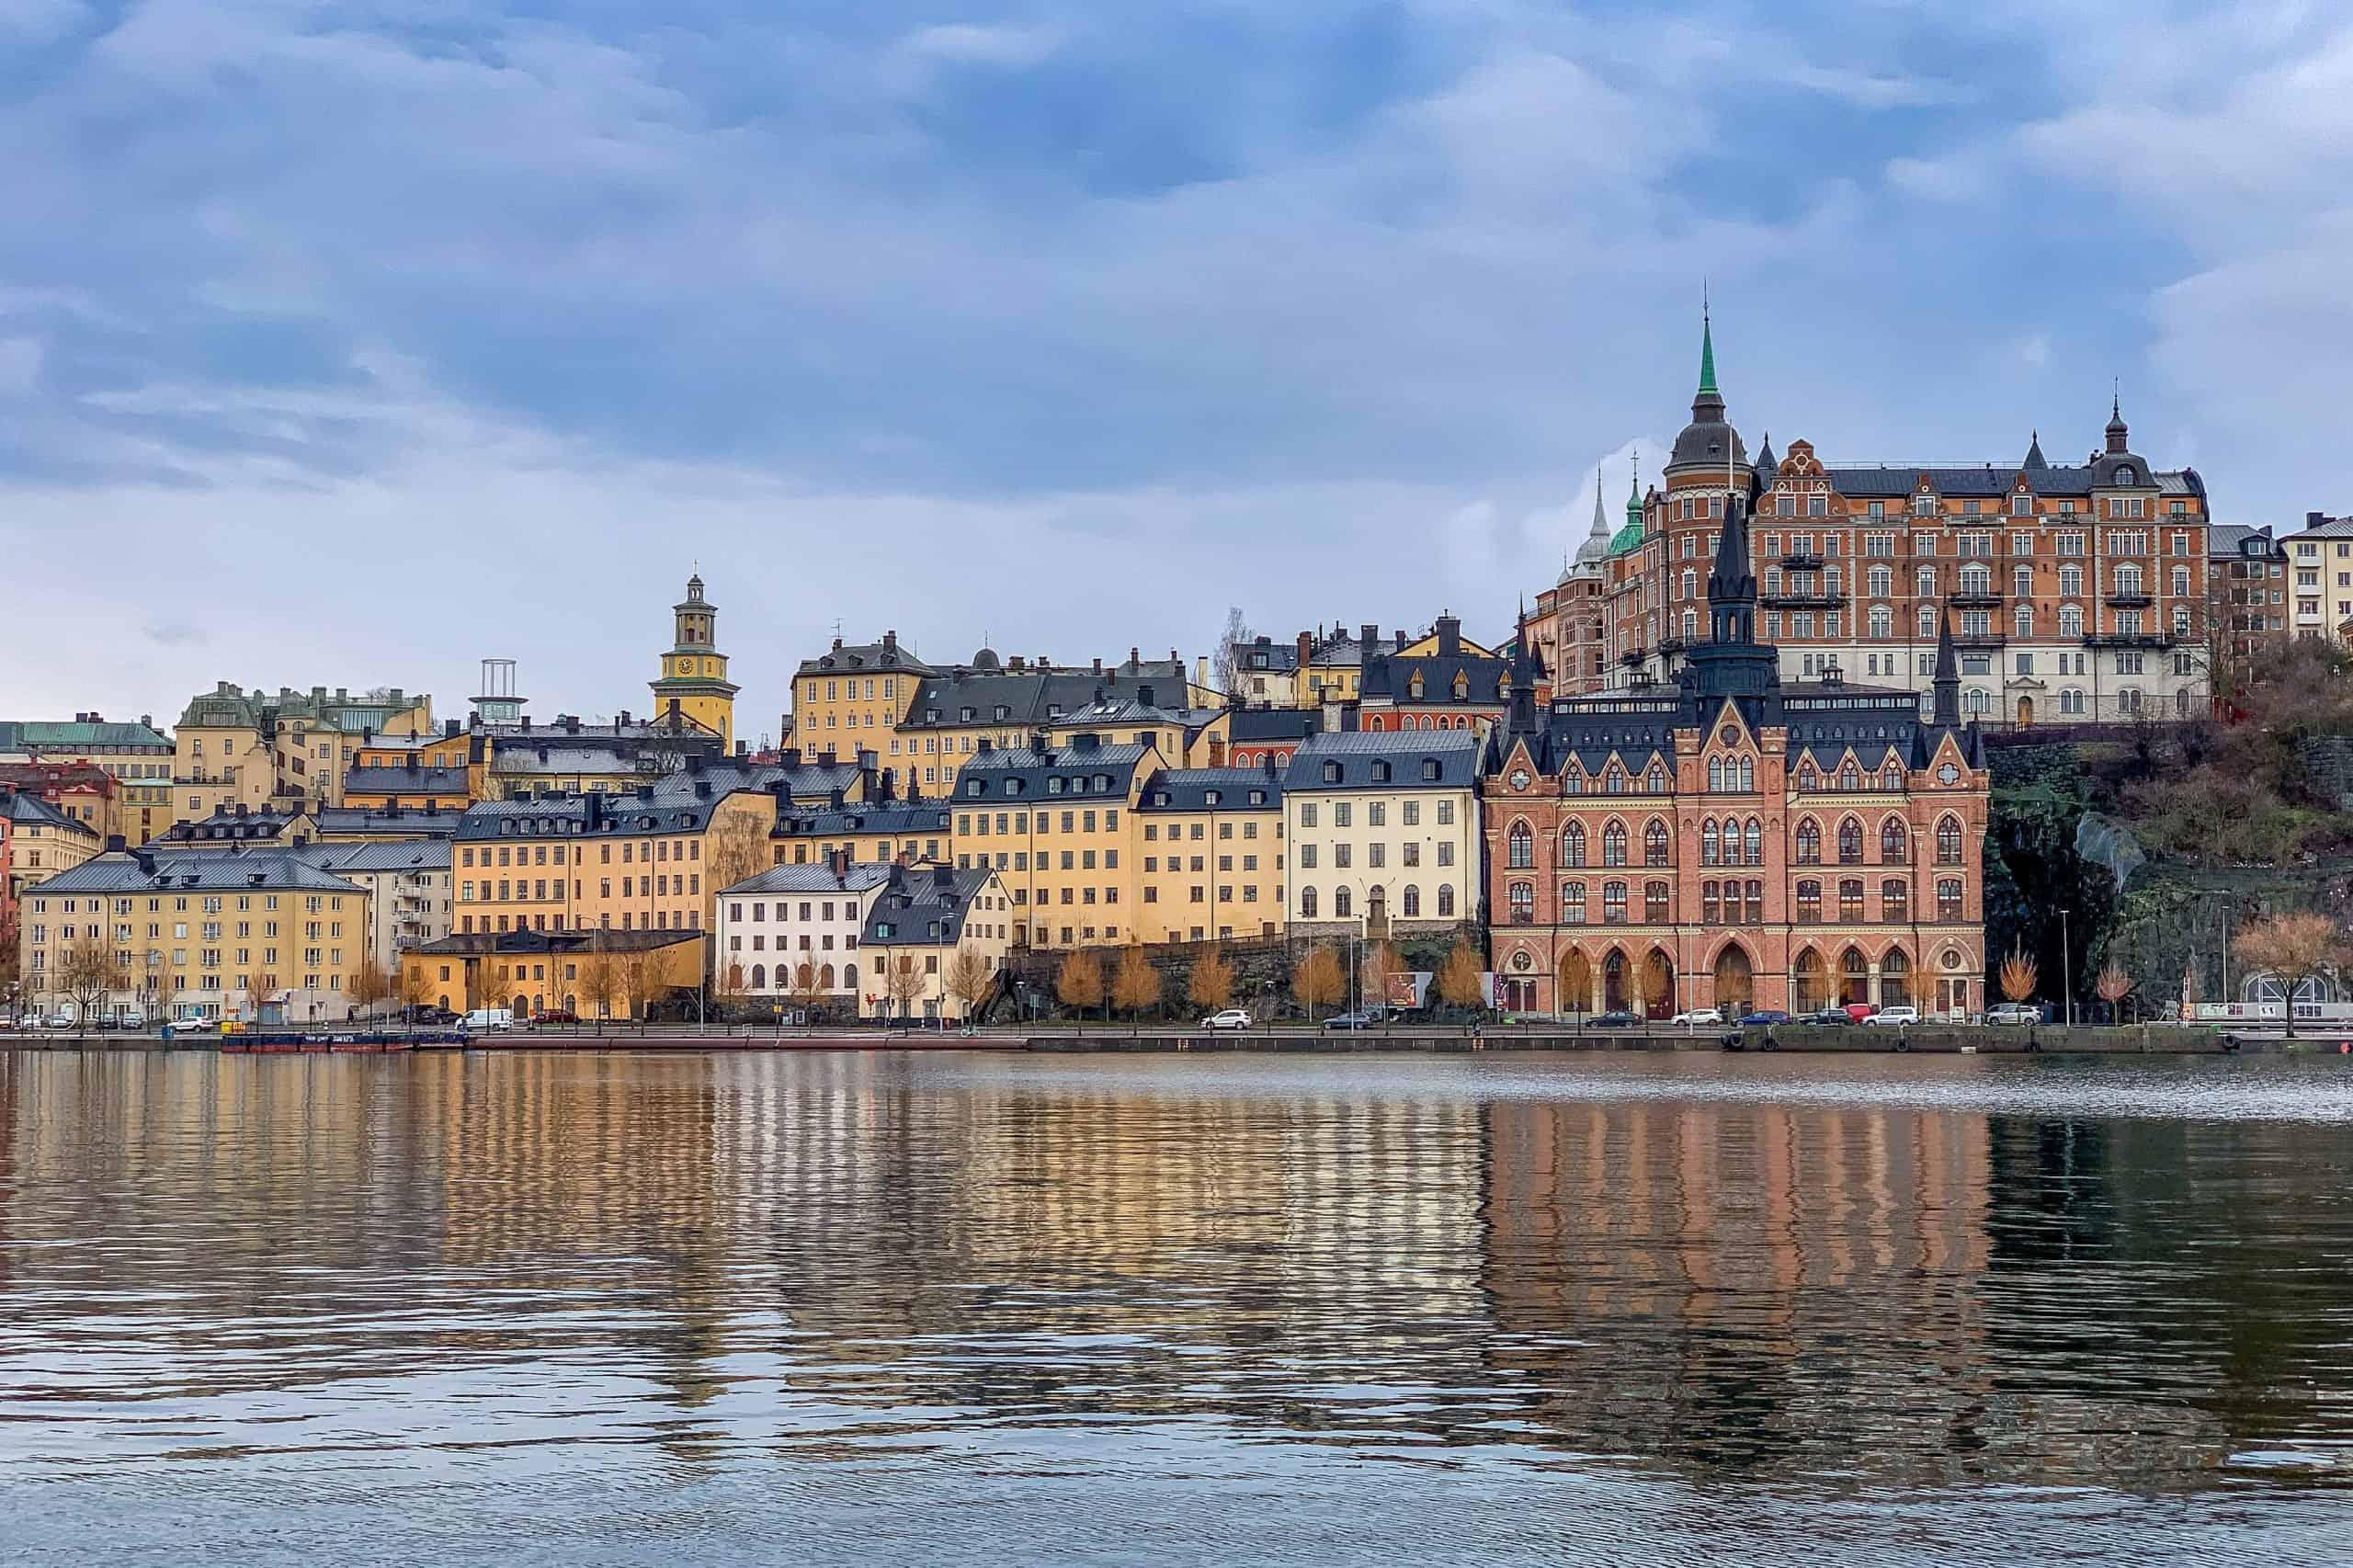 Liste von 3 Hotelinvestoren in Skandinavien